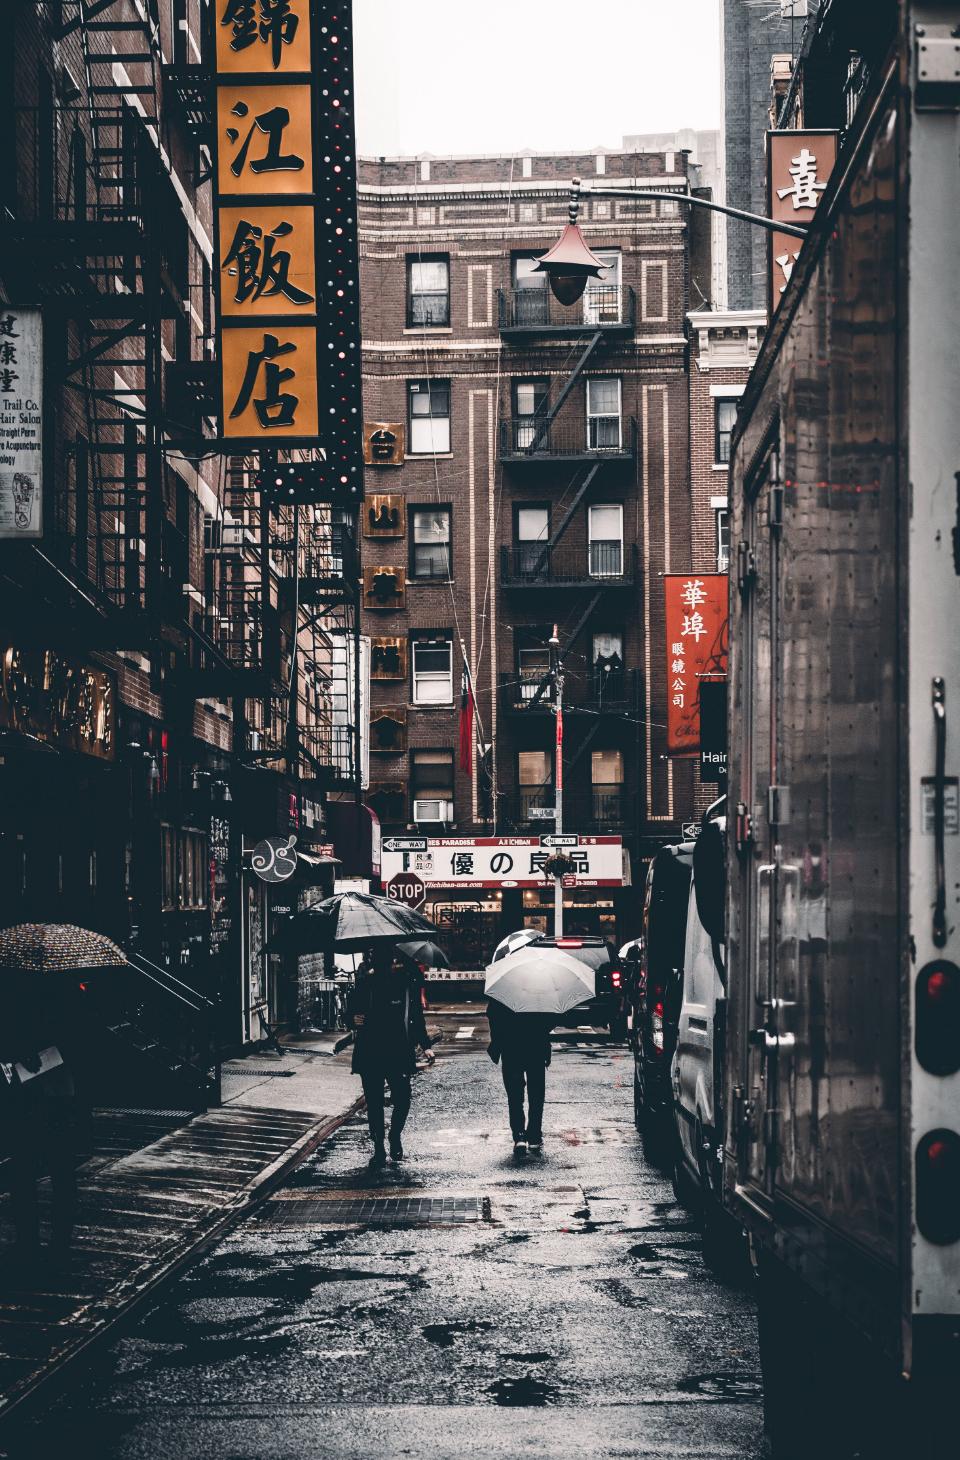 china town, people walking